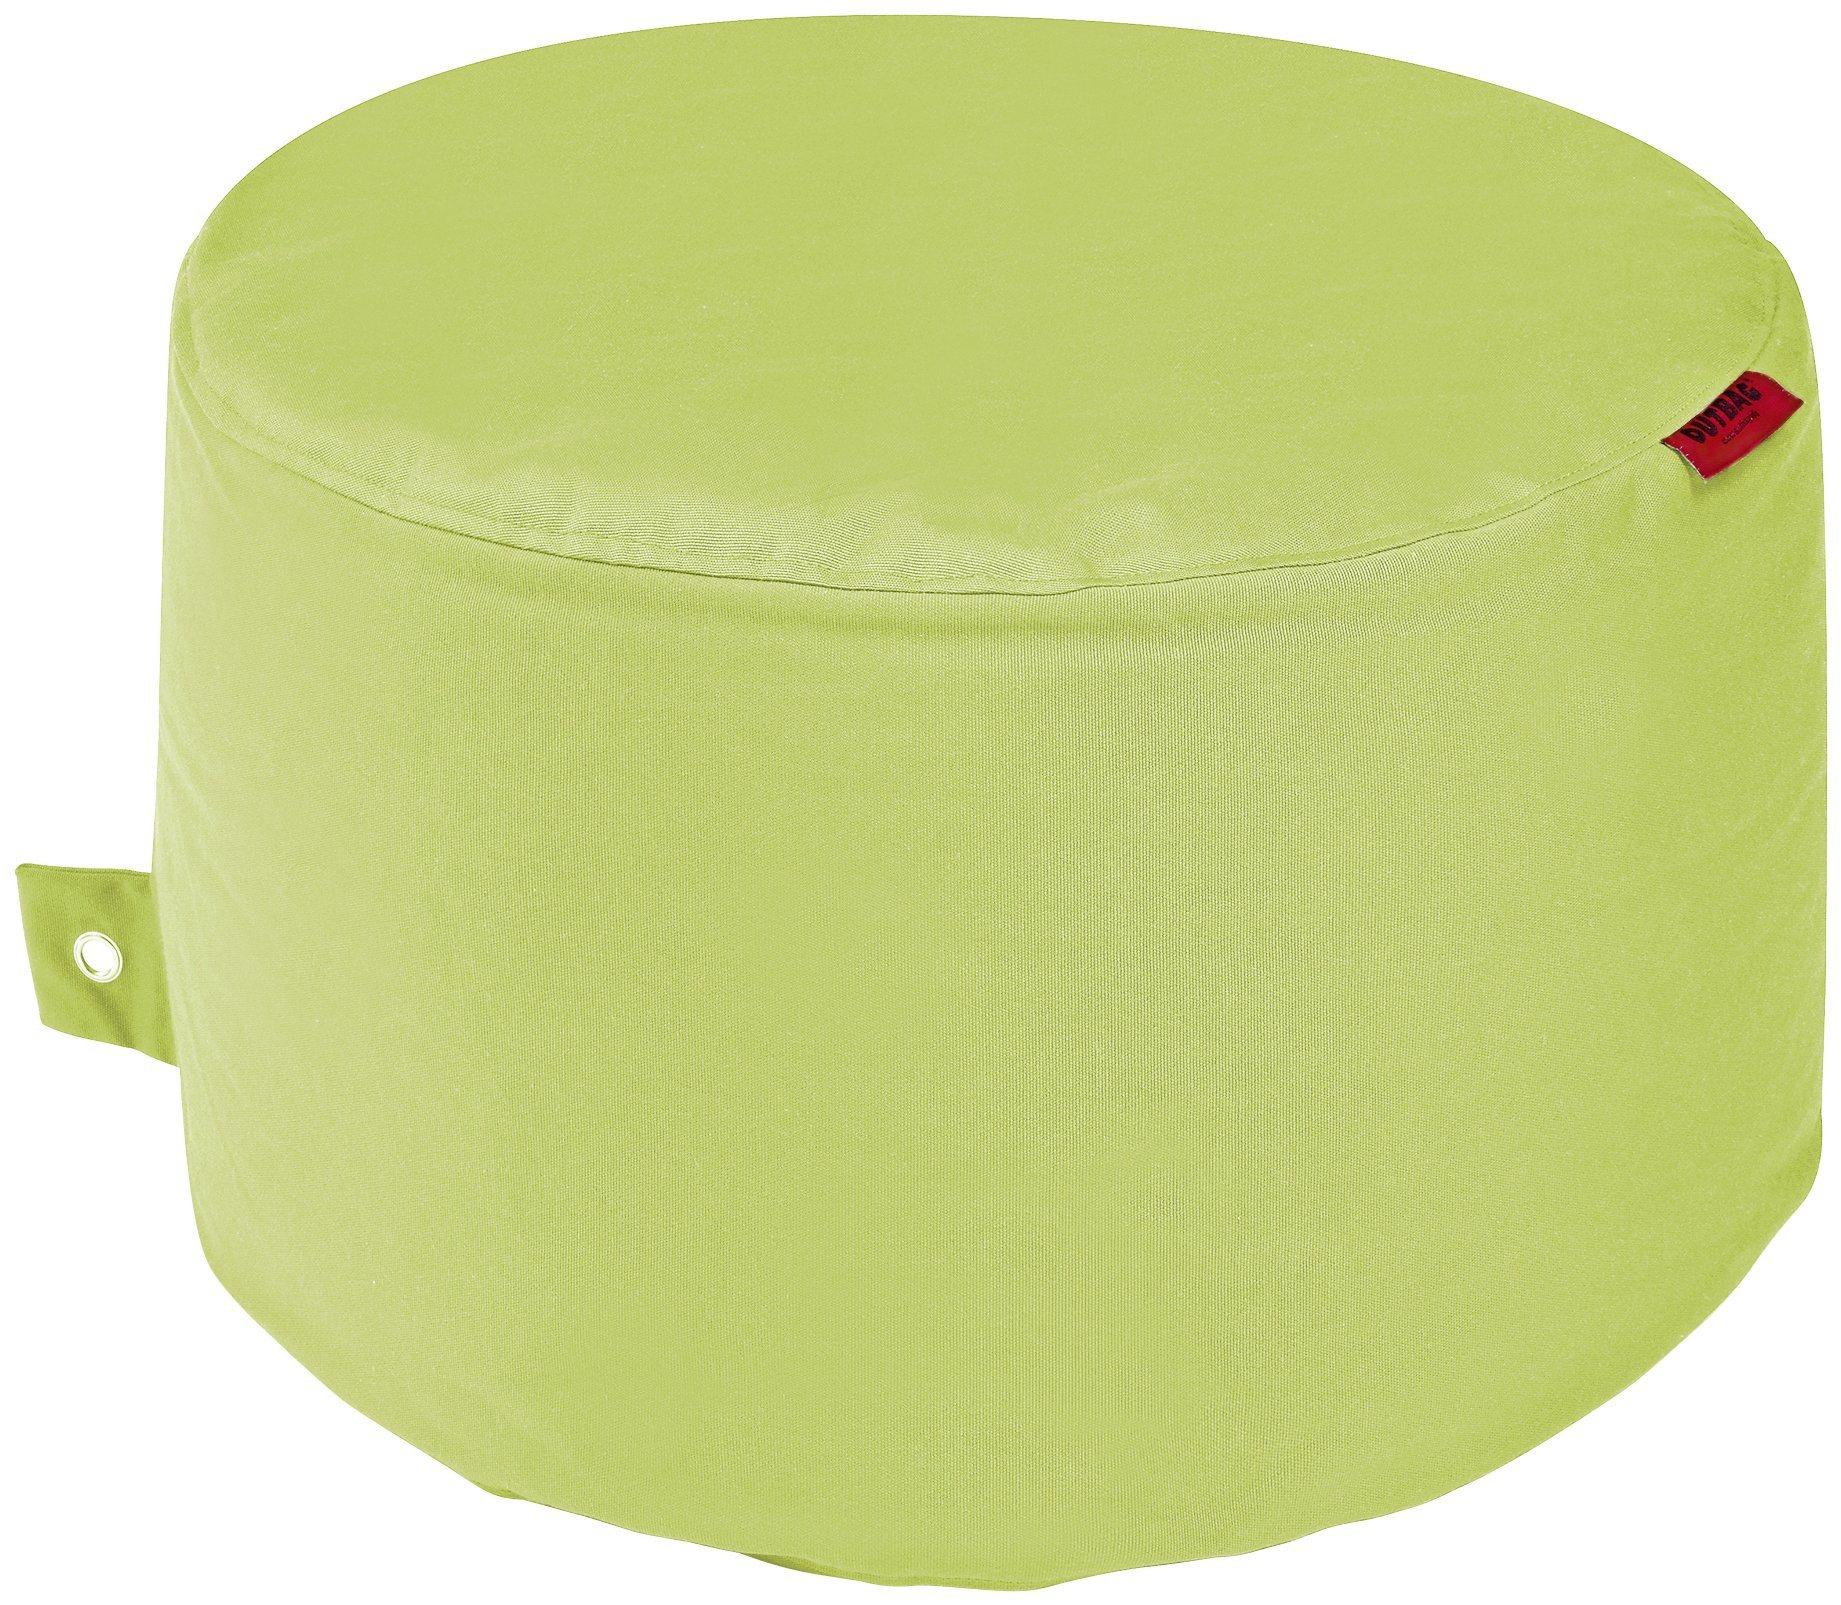 OUTBAG Sitzsack »Rock Plus«, wetterfest, für den Außenbereich, Ø: 60 cm | Wohnzimmer > Sessel > Sitzsaecke | Polyester | OUTBAG